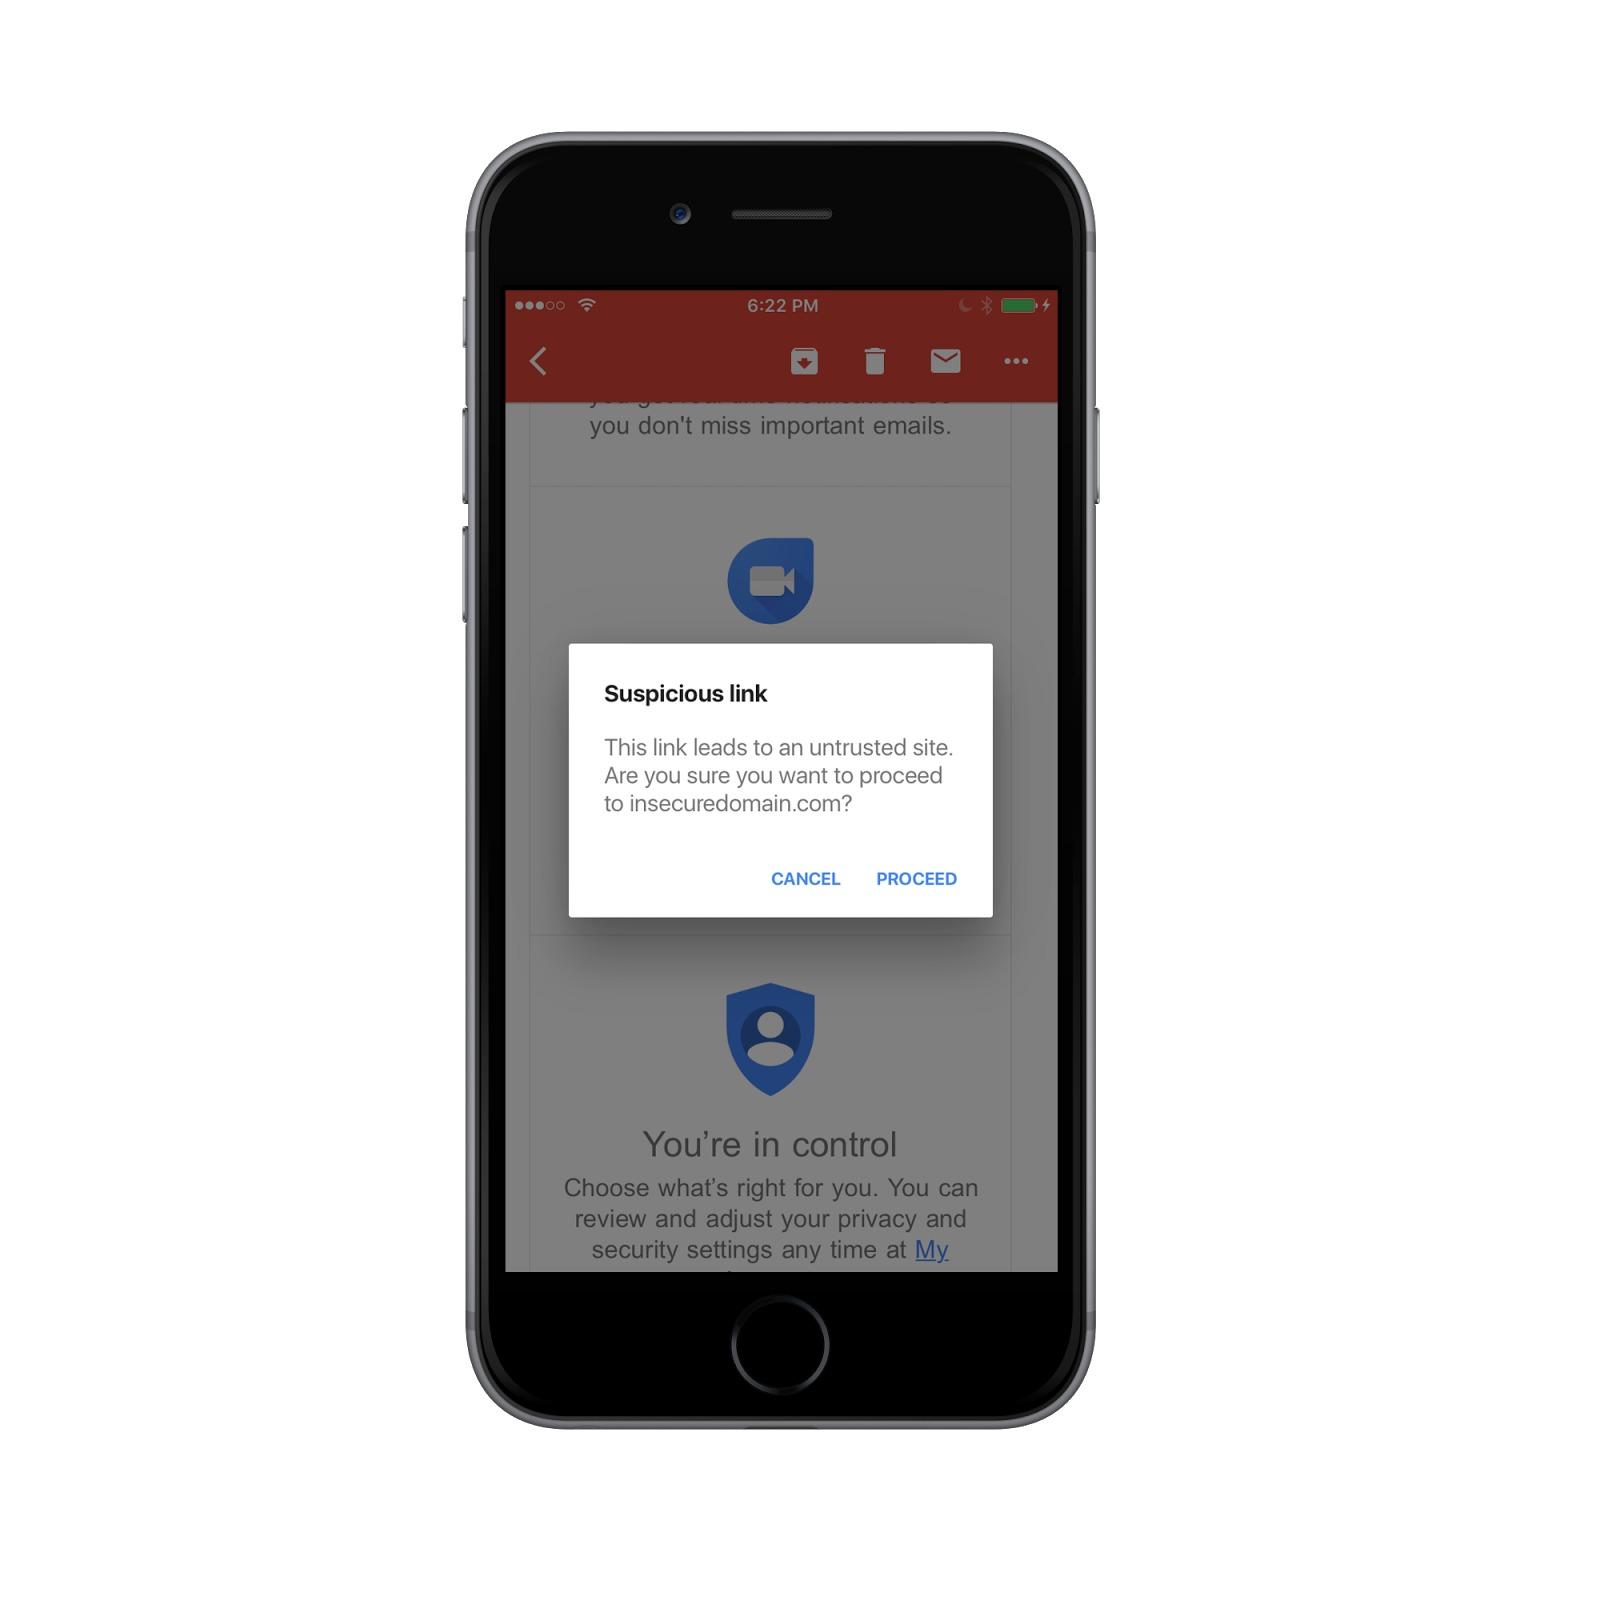 Gmail-appen advarer iOS-brukerne om mistenkelige sider.